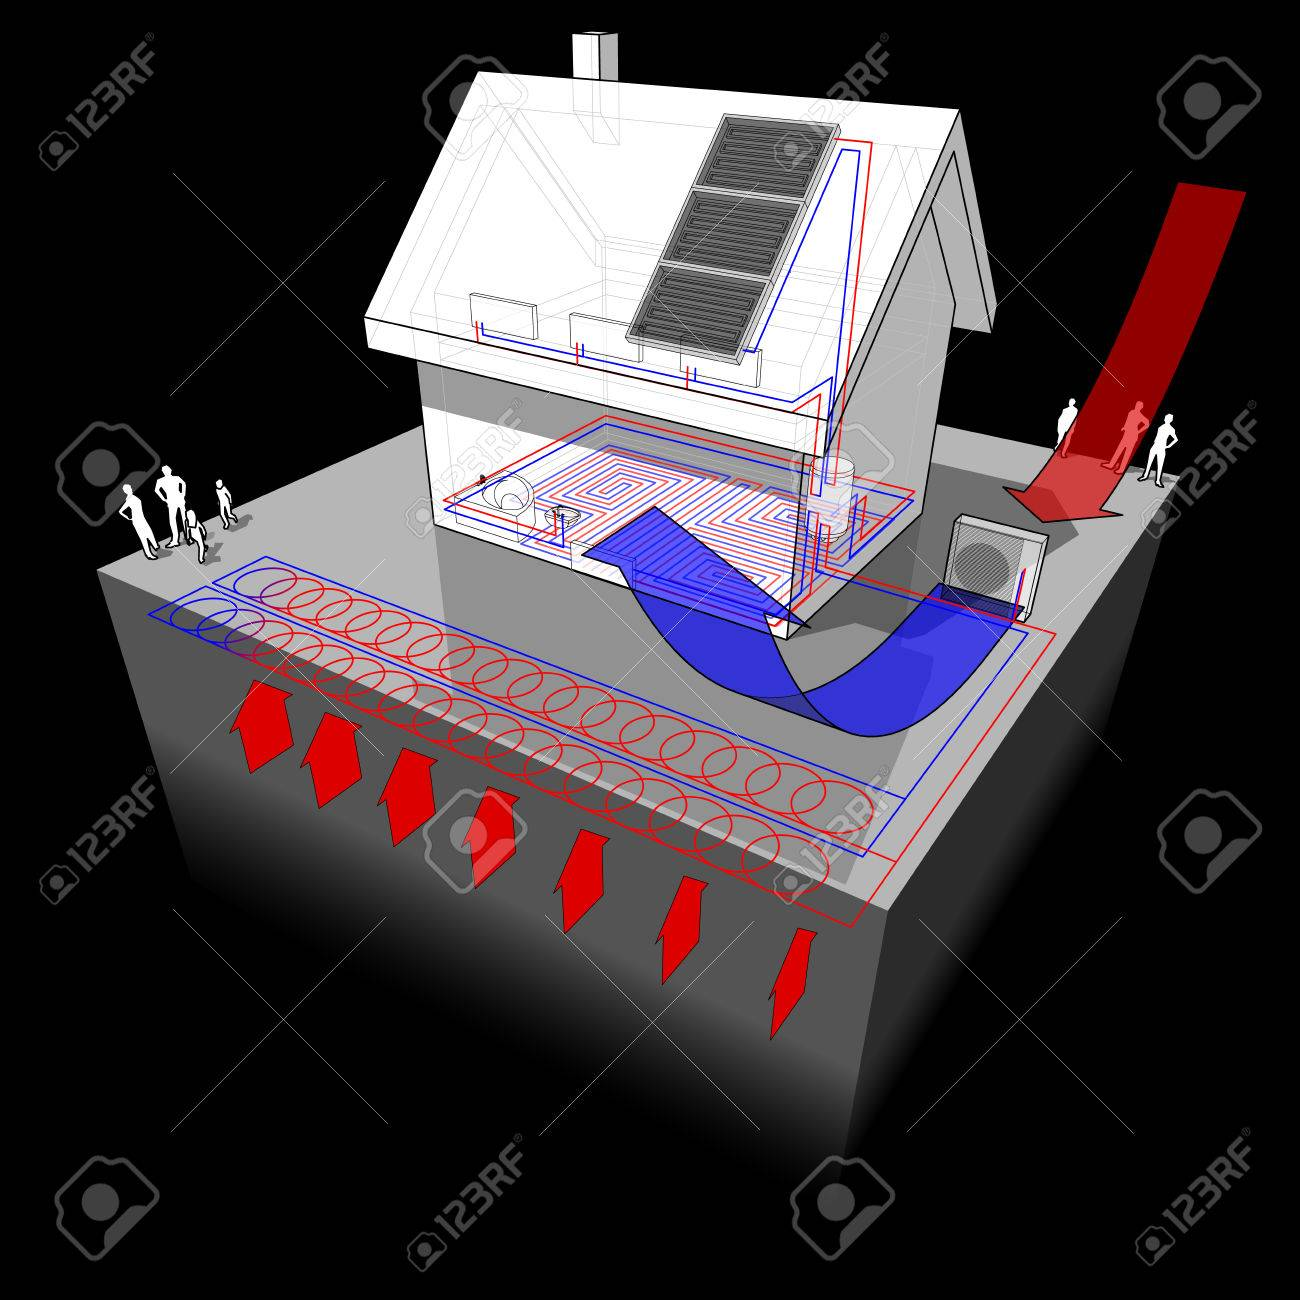 Diagramm Eines Einfamilienhauses Mit Fußbodenheizung Im Erdgeschoss ...